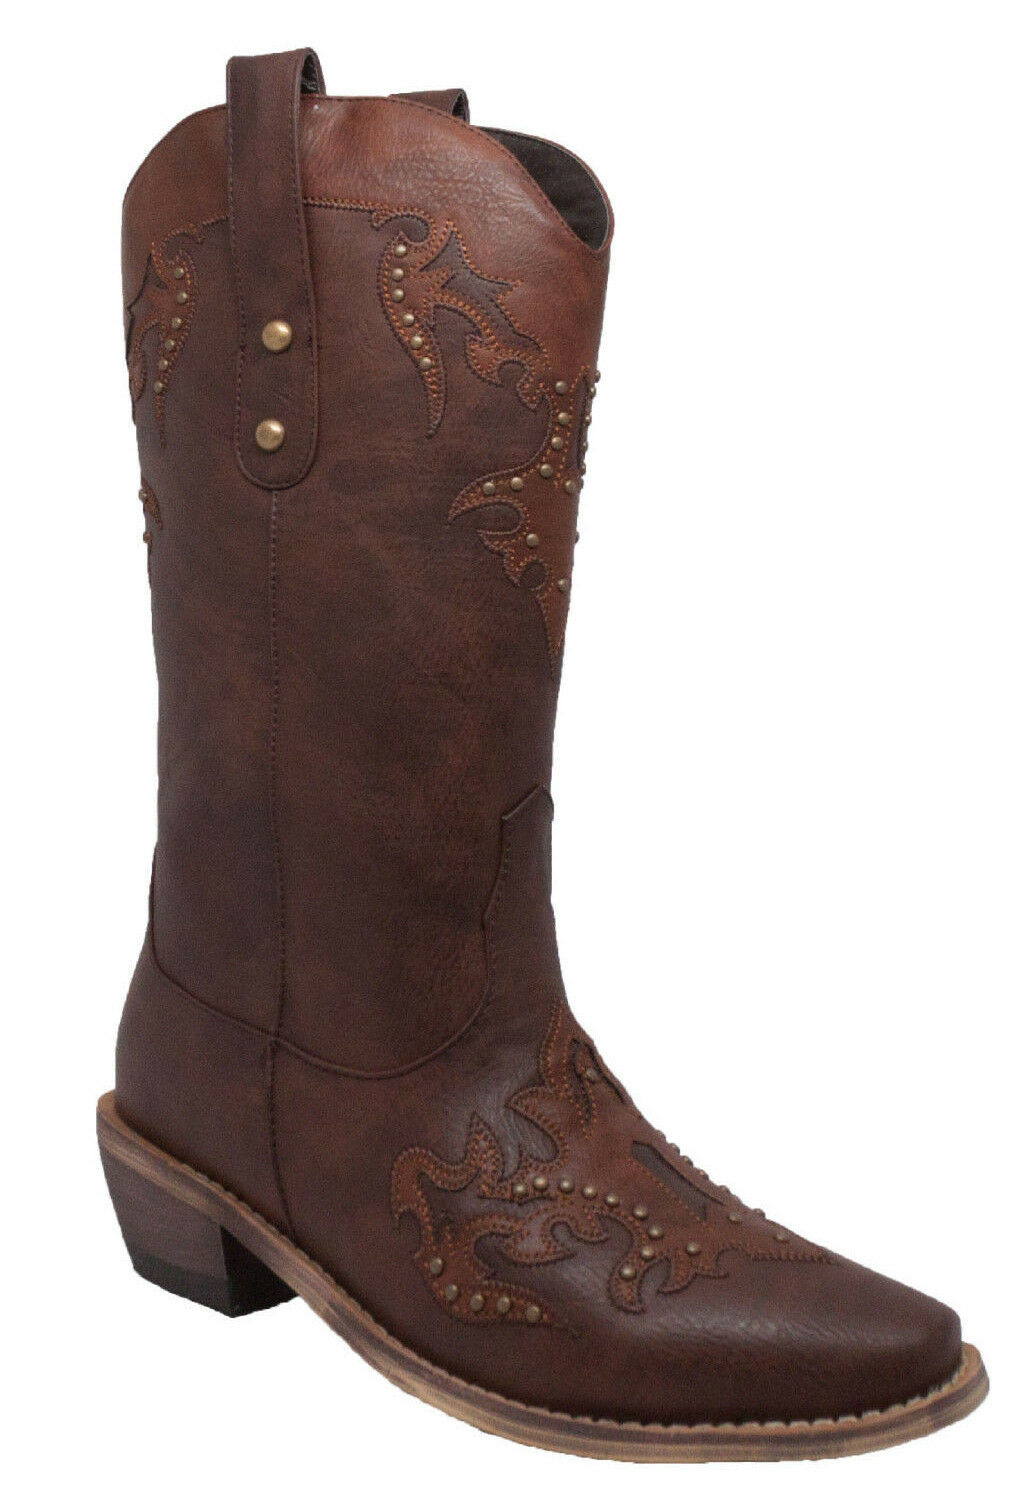 NEW Damenschuhe AdTec Cowboy Western Work Boot Riding Casual Dress Boot Braun 8608